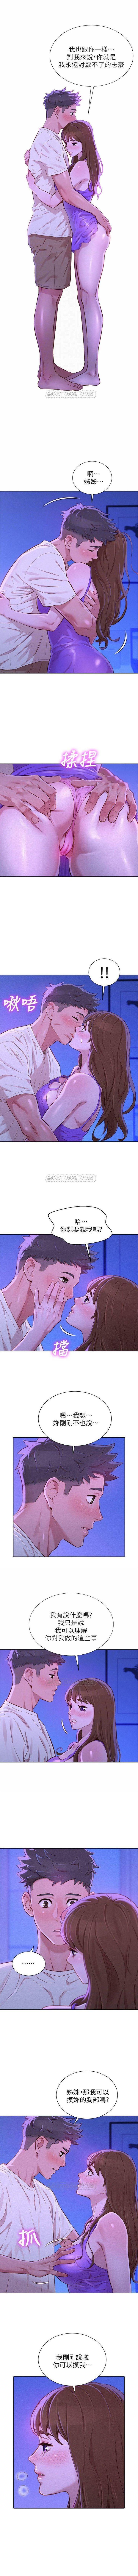 (周7)漂亮干姐姐  1-81 中文翻译 (更新中) 420